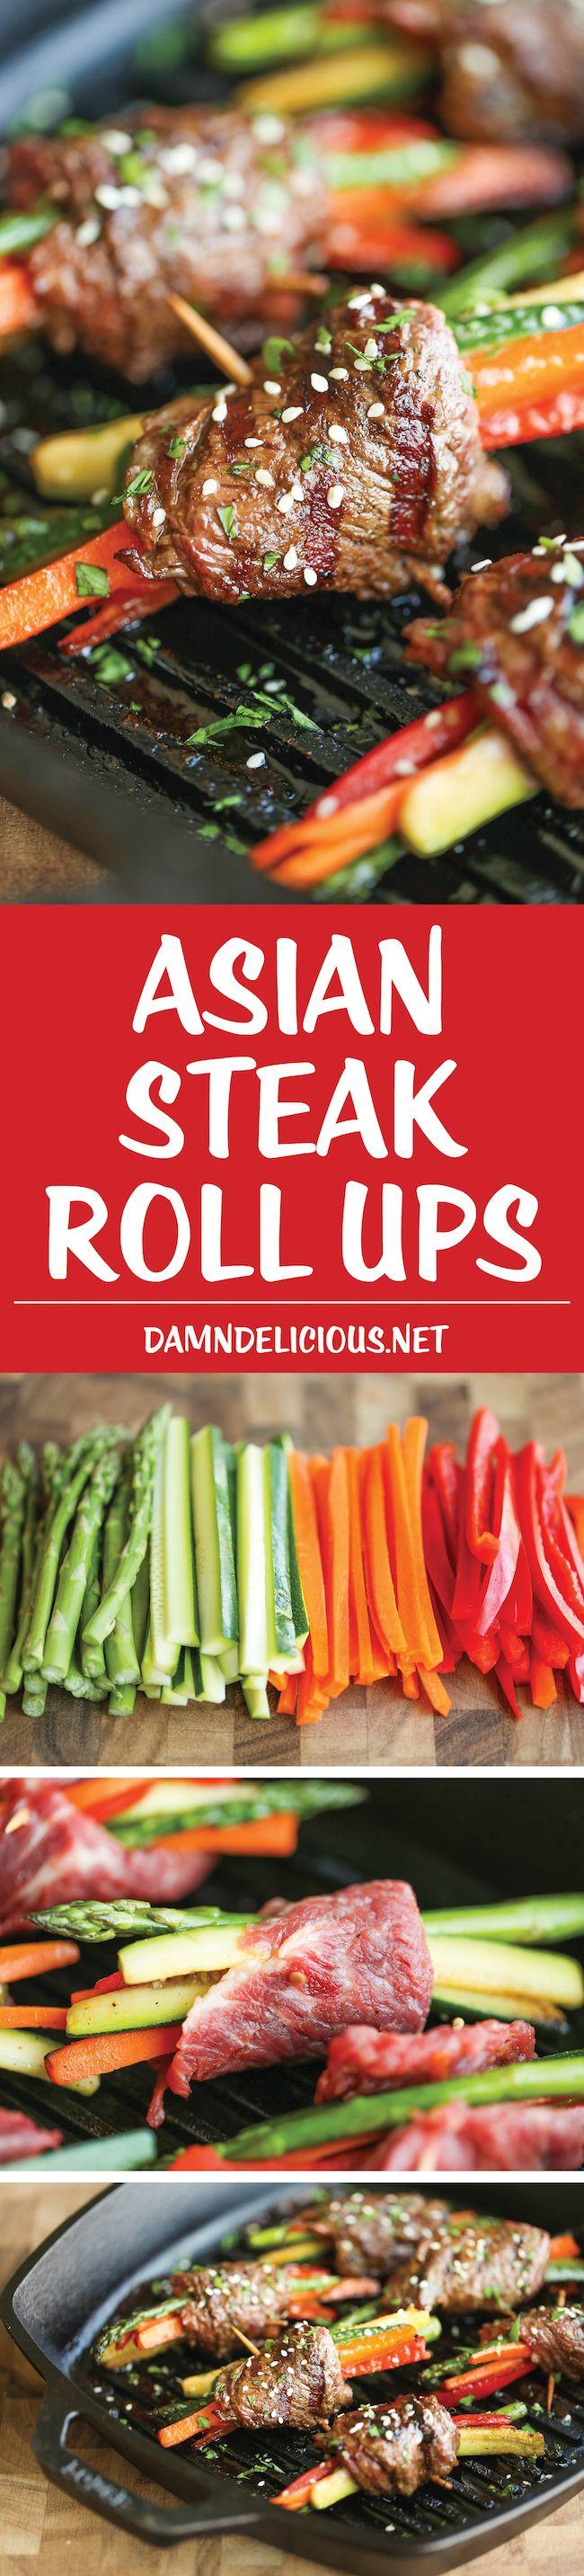 Asian Steak Roll Ups